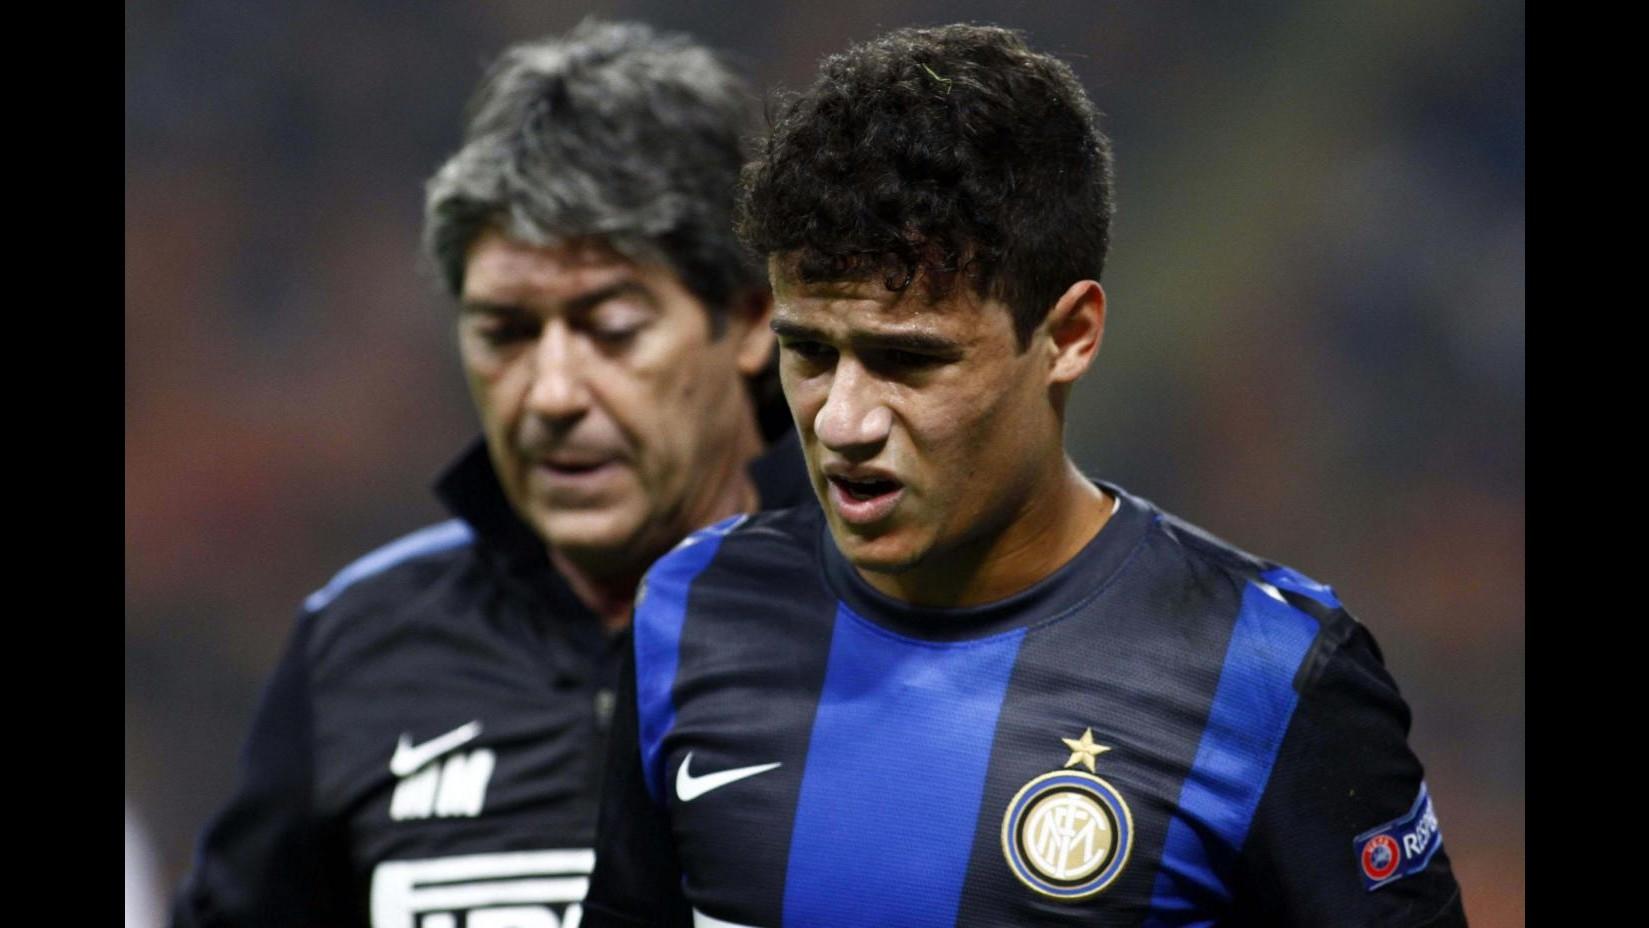 Inter: frattura da impatto alla tibia per Coutinho